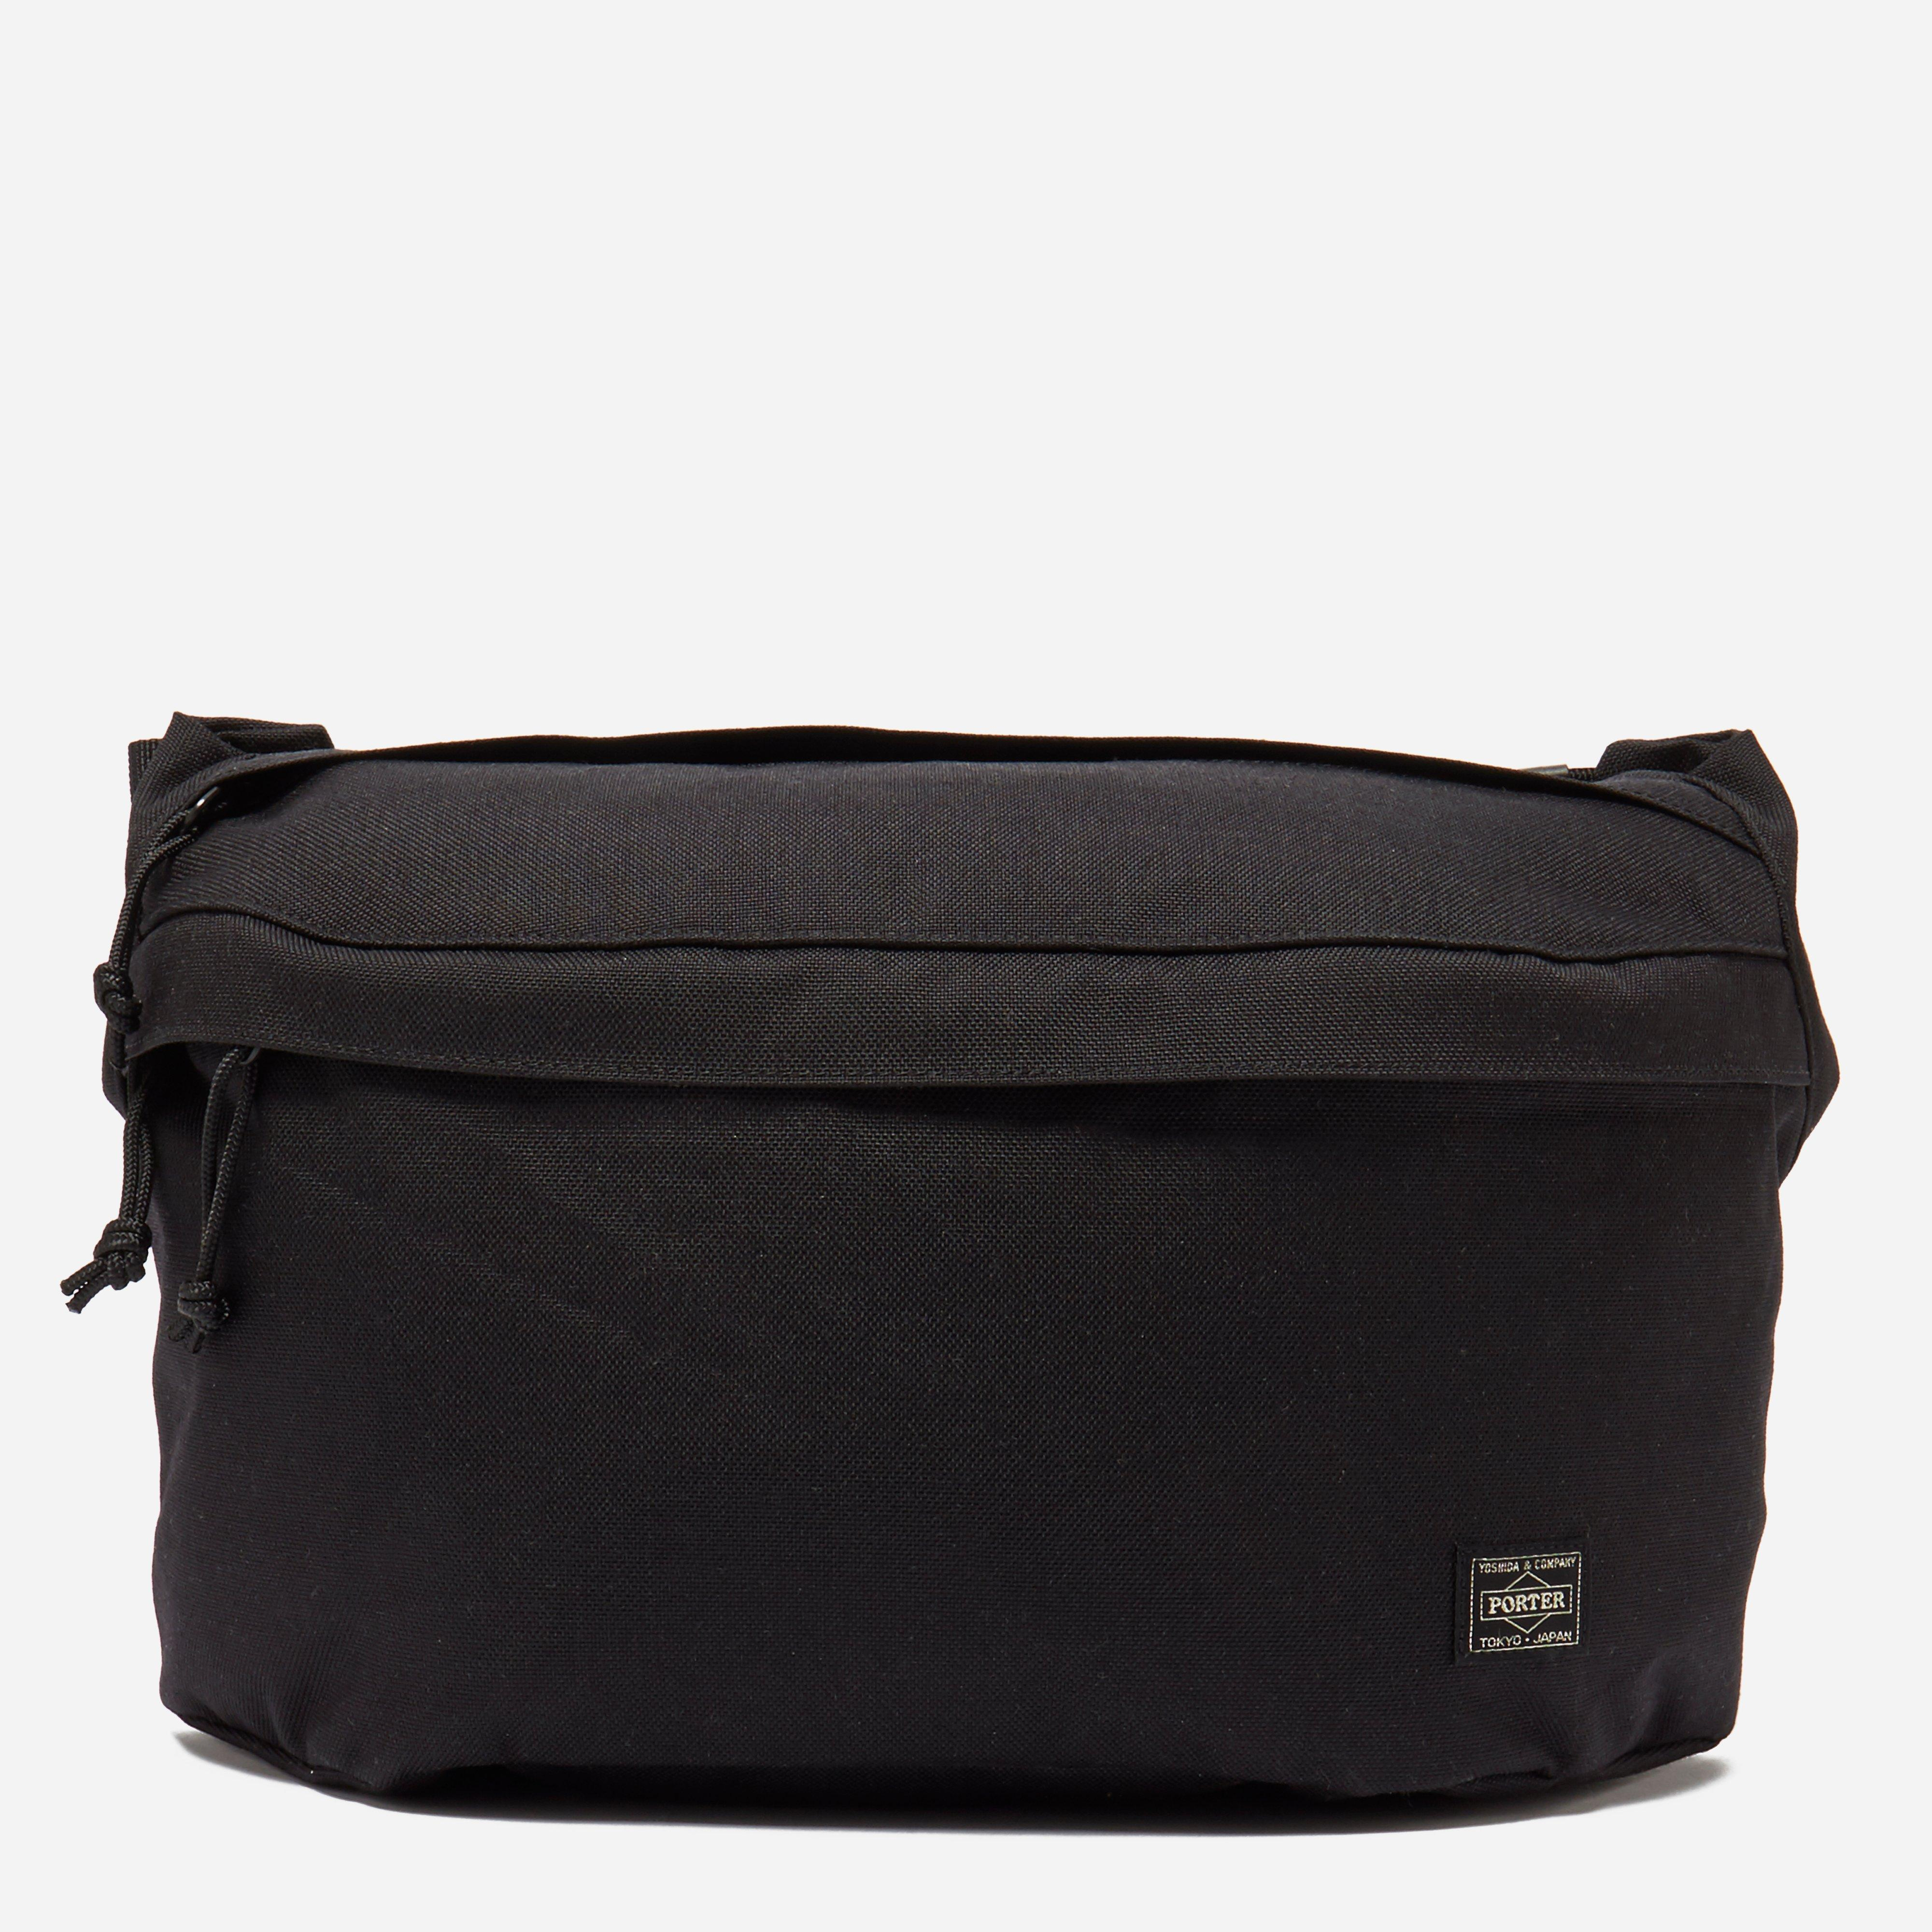 Neighborhood X Porter Waist Bag